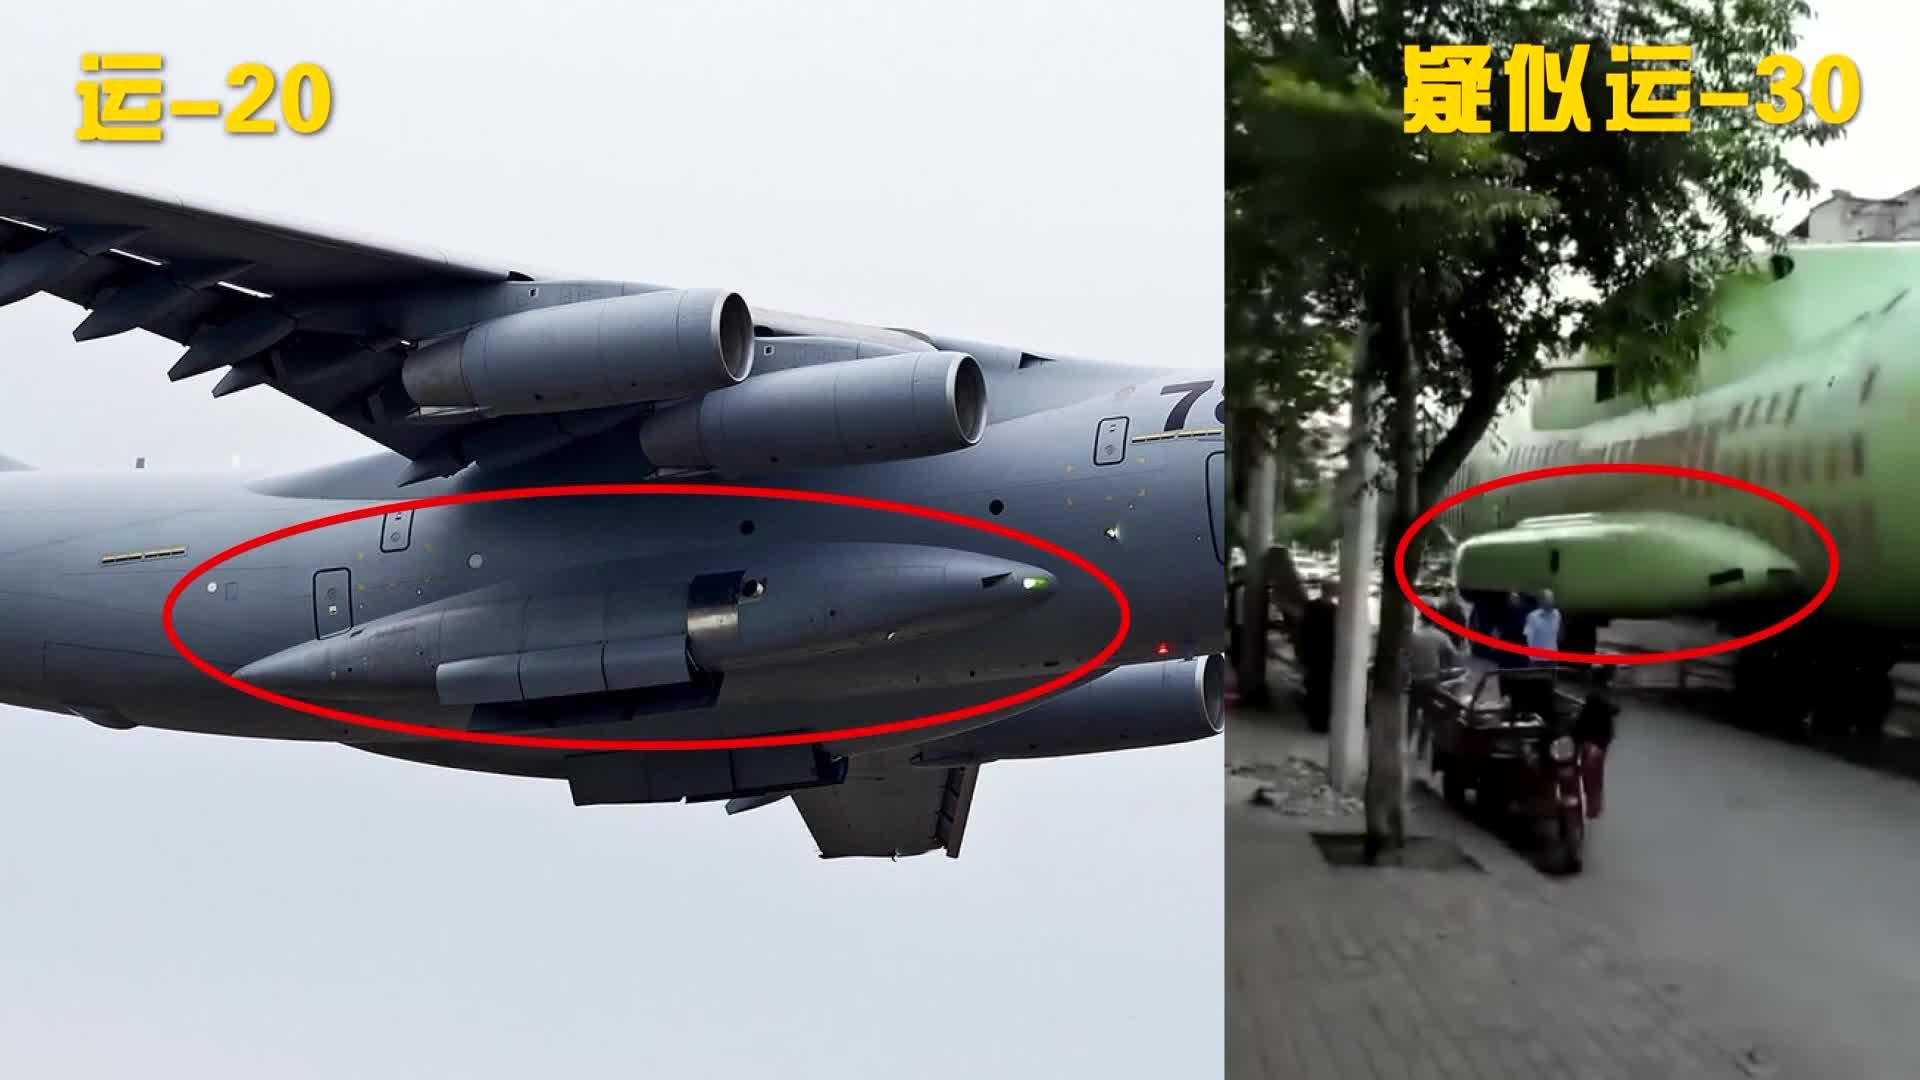 [视频]神秘运输机现身闹市外形奇特疑似运-30